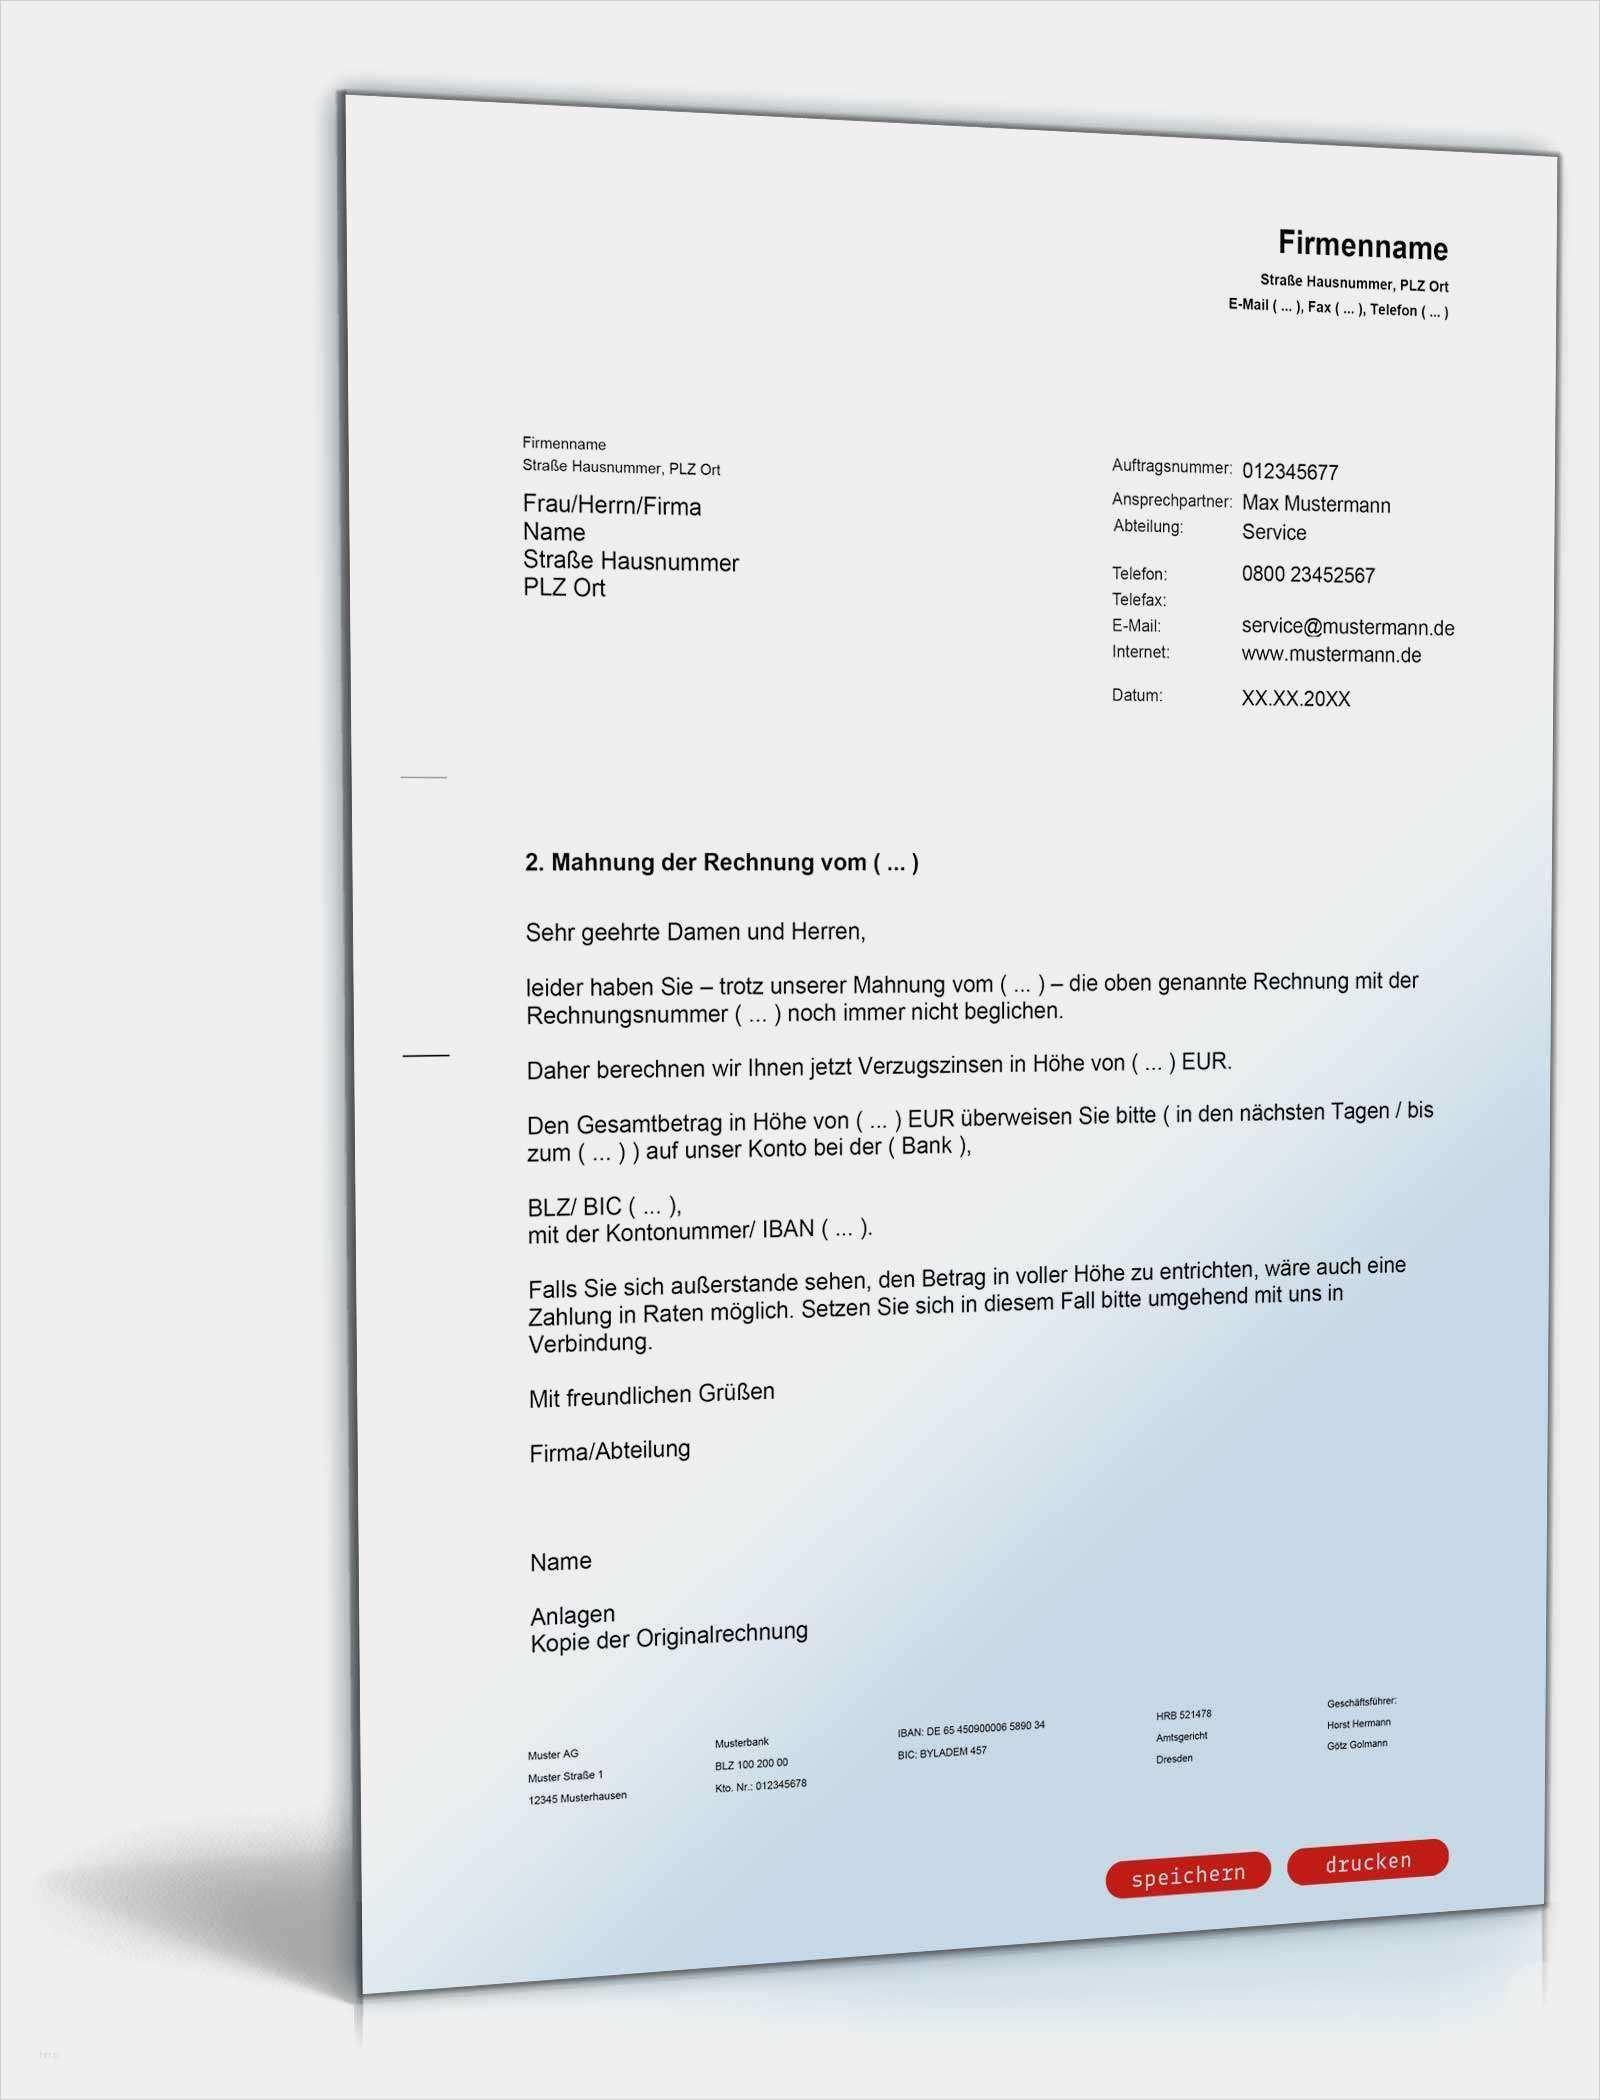 35 Genial Zweite Mahnung Vorlage Galerie In 2020 Vorlagen Word Vorlagen Lebenslauf Vorlagen Word